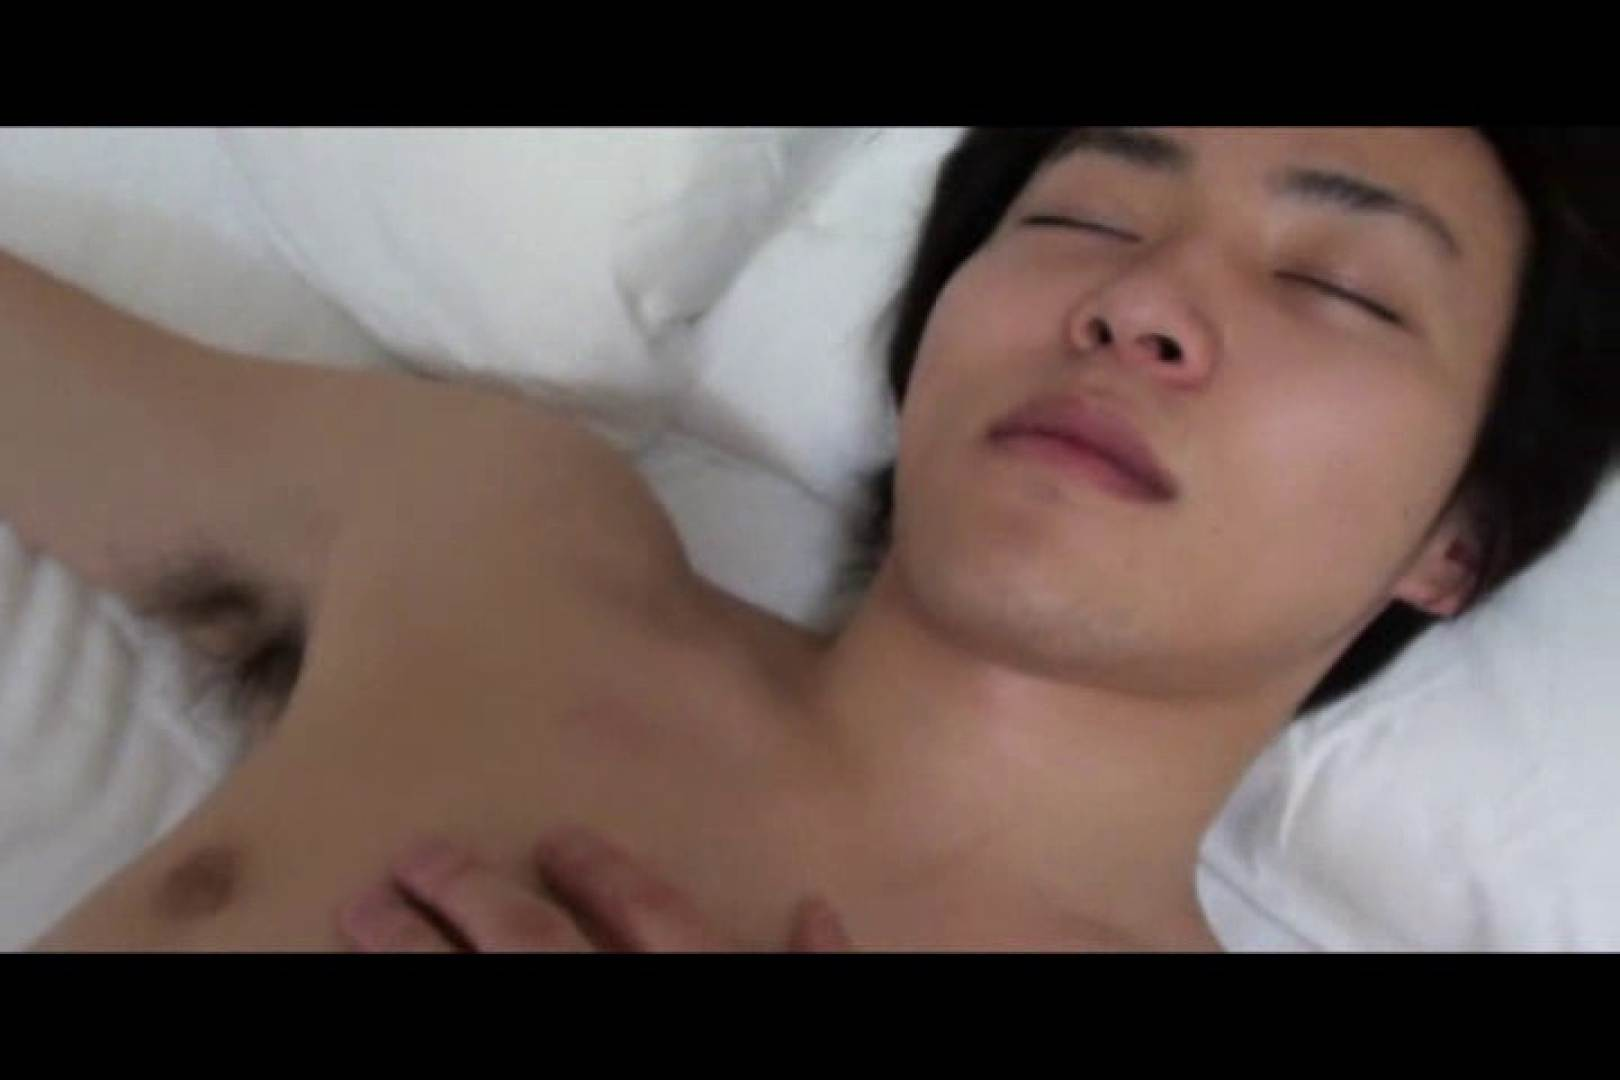 ゲイエロ動画|まだX2イクゼ!イケメンノンケのドッきり弄りタイムVOL.01前編|スジ筋系